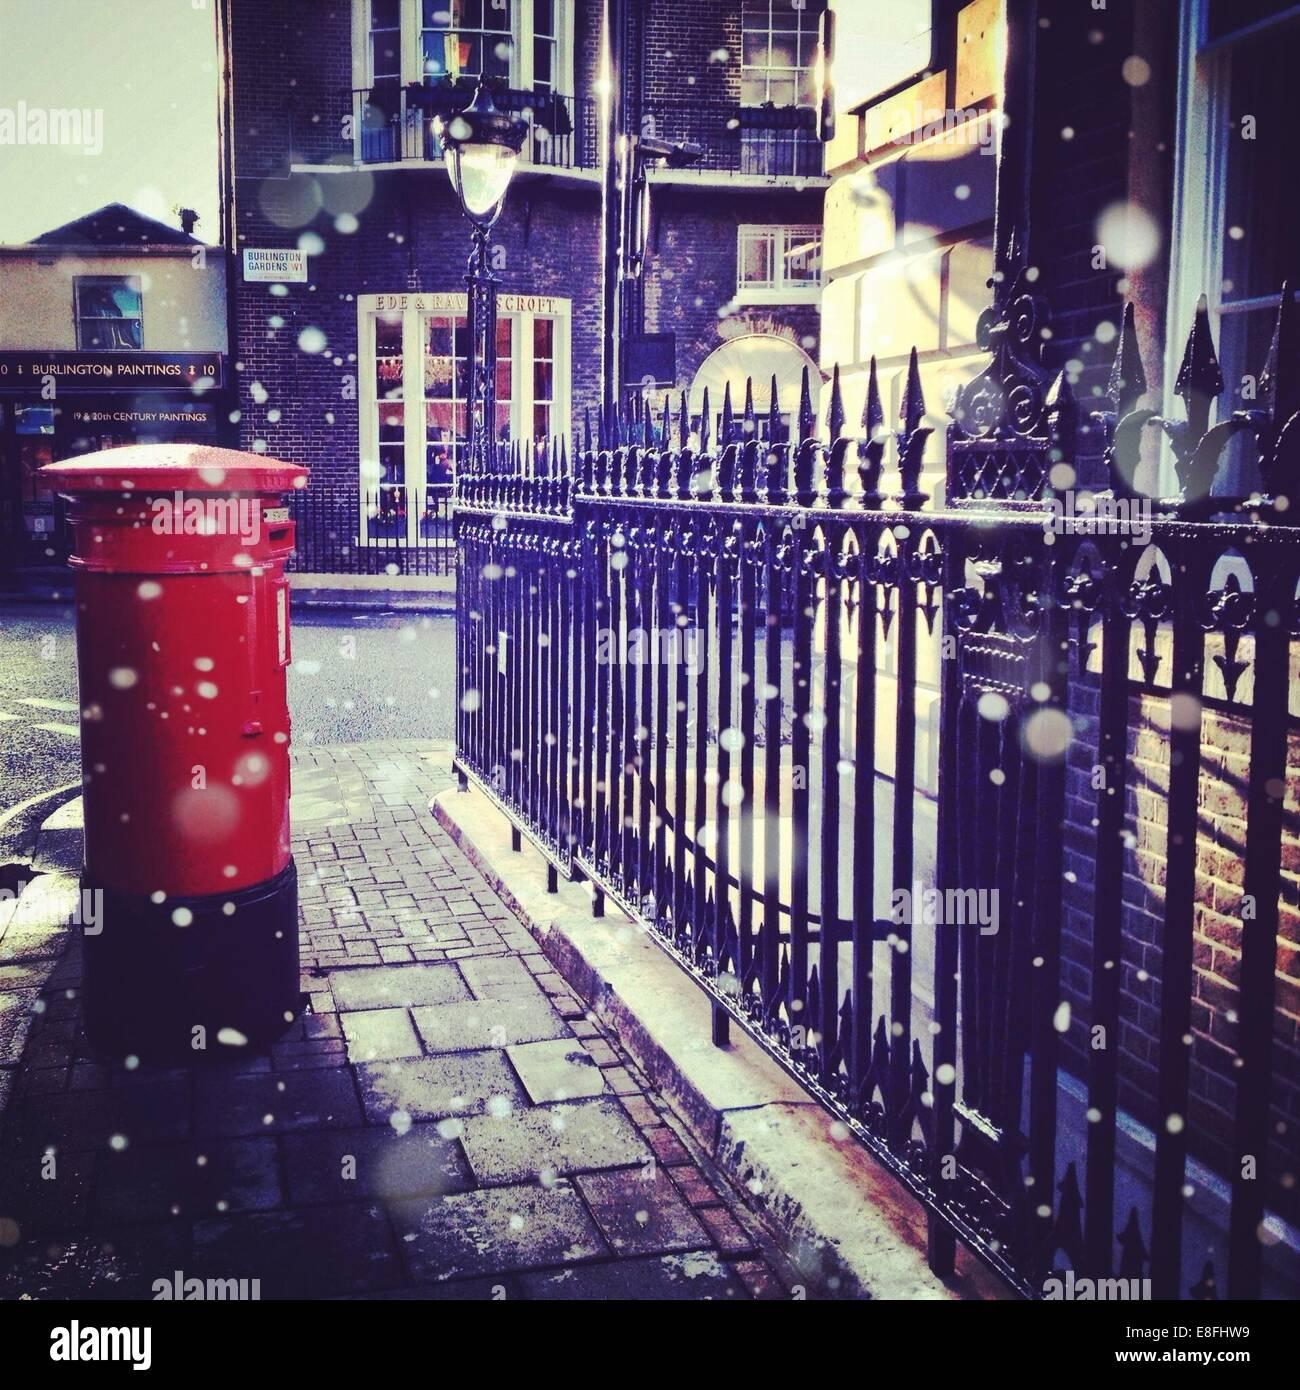 Regno Unito, London, Greater London, casella postale e ringhiera in ferro Immagini Stock